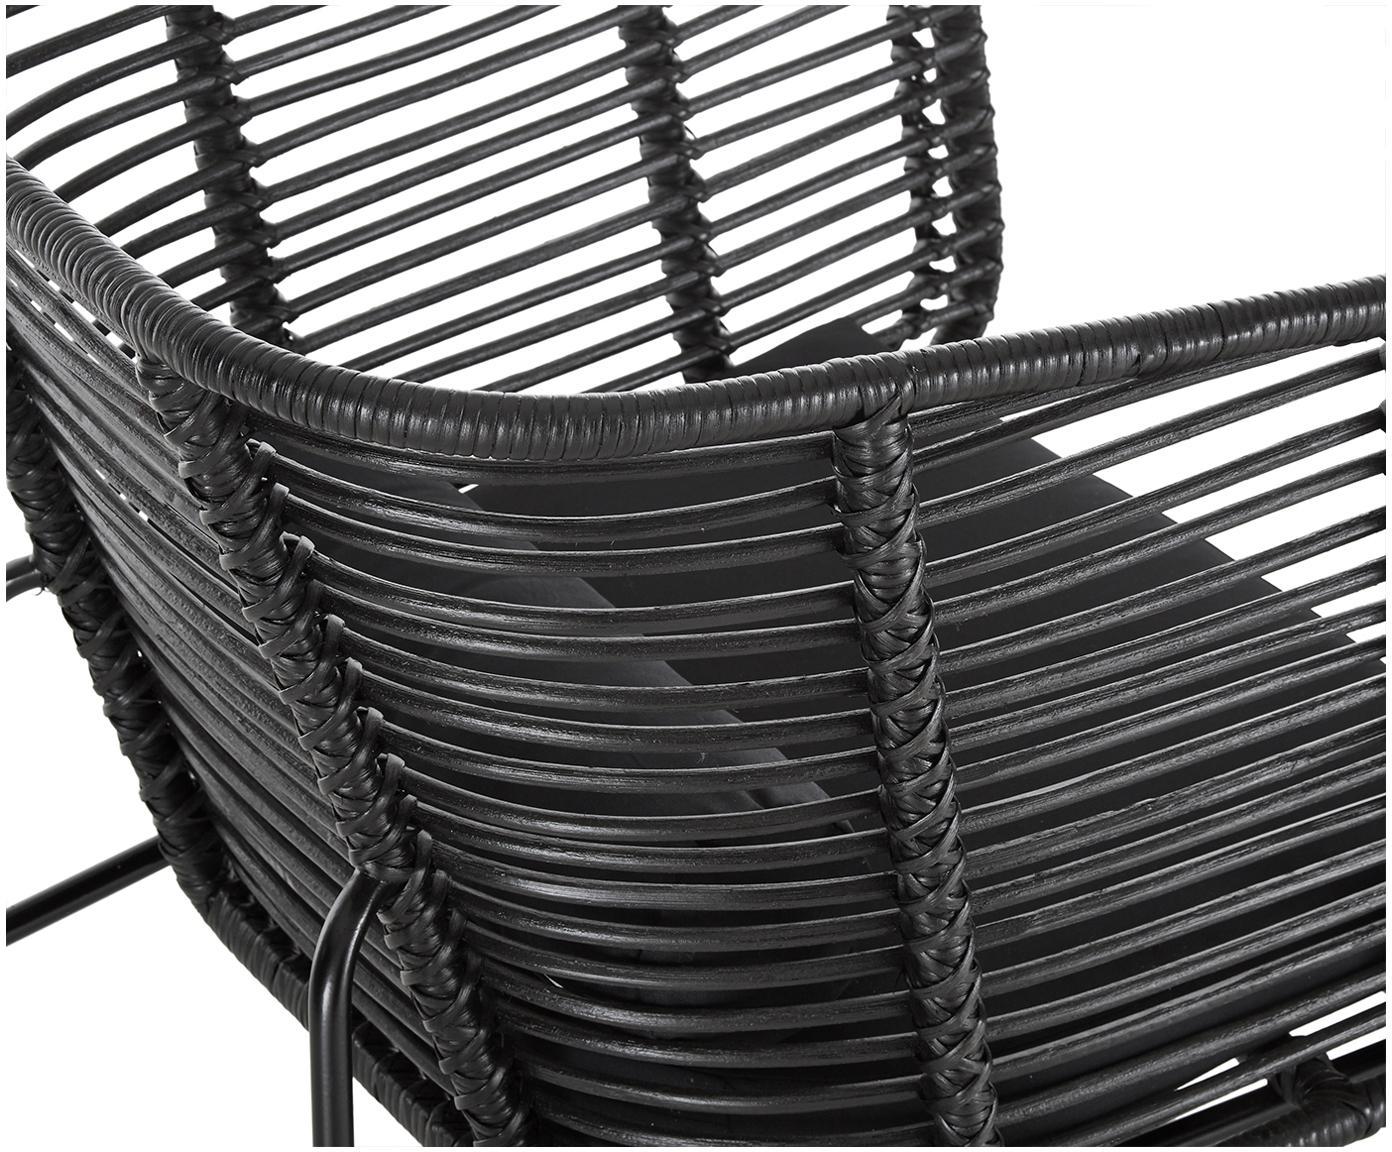 Krzesło z rattanu z podłokietnikami Merete, Stelaż: metal malowany proszkowo, Siedzisko: czarnyStelaż: czarny, matowyPoszewki: czarny, S 72 x G 74 cm